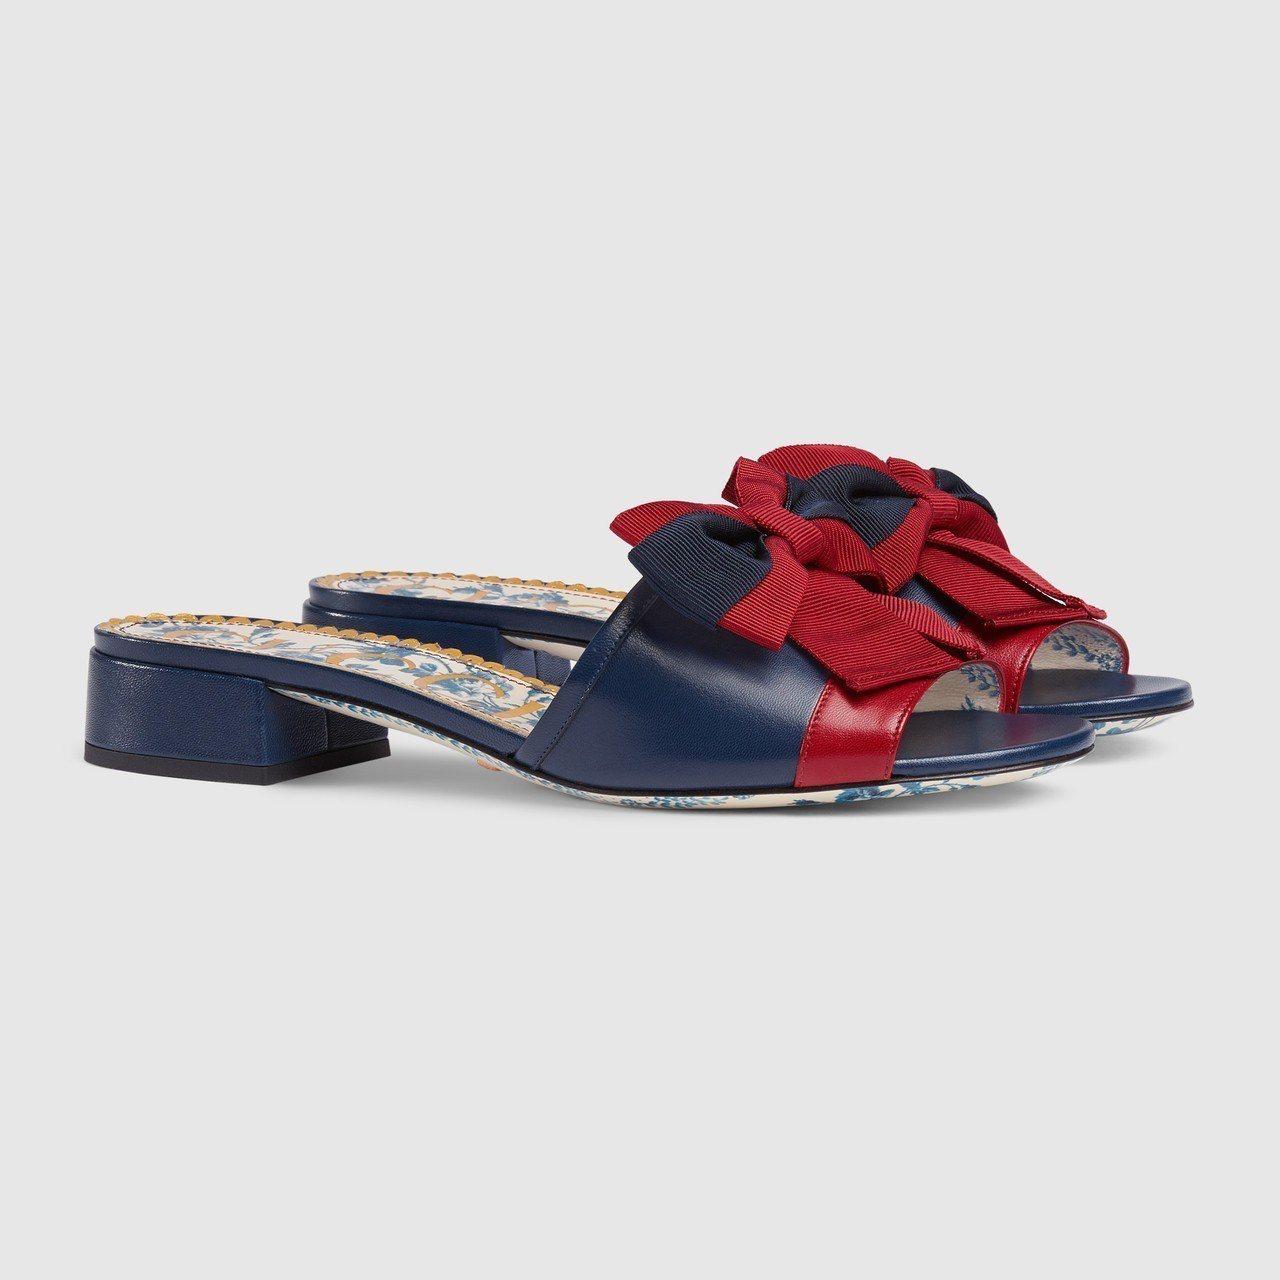 GUCCI藍紅羅緞蝴蝶結裝飾涼鞋,價格店洽。圖/GUCCI提供